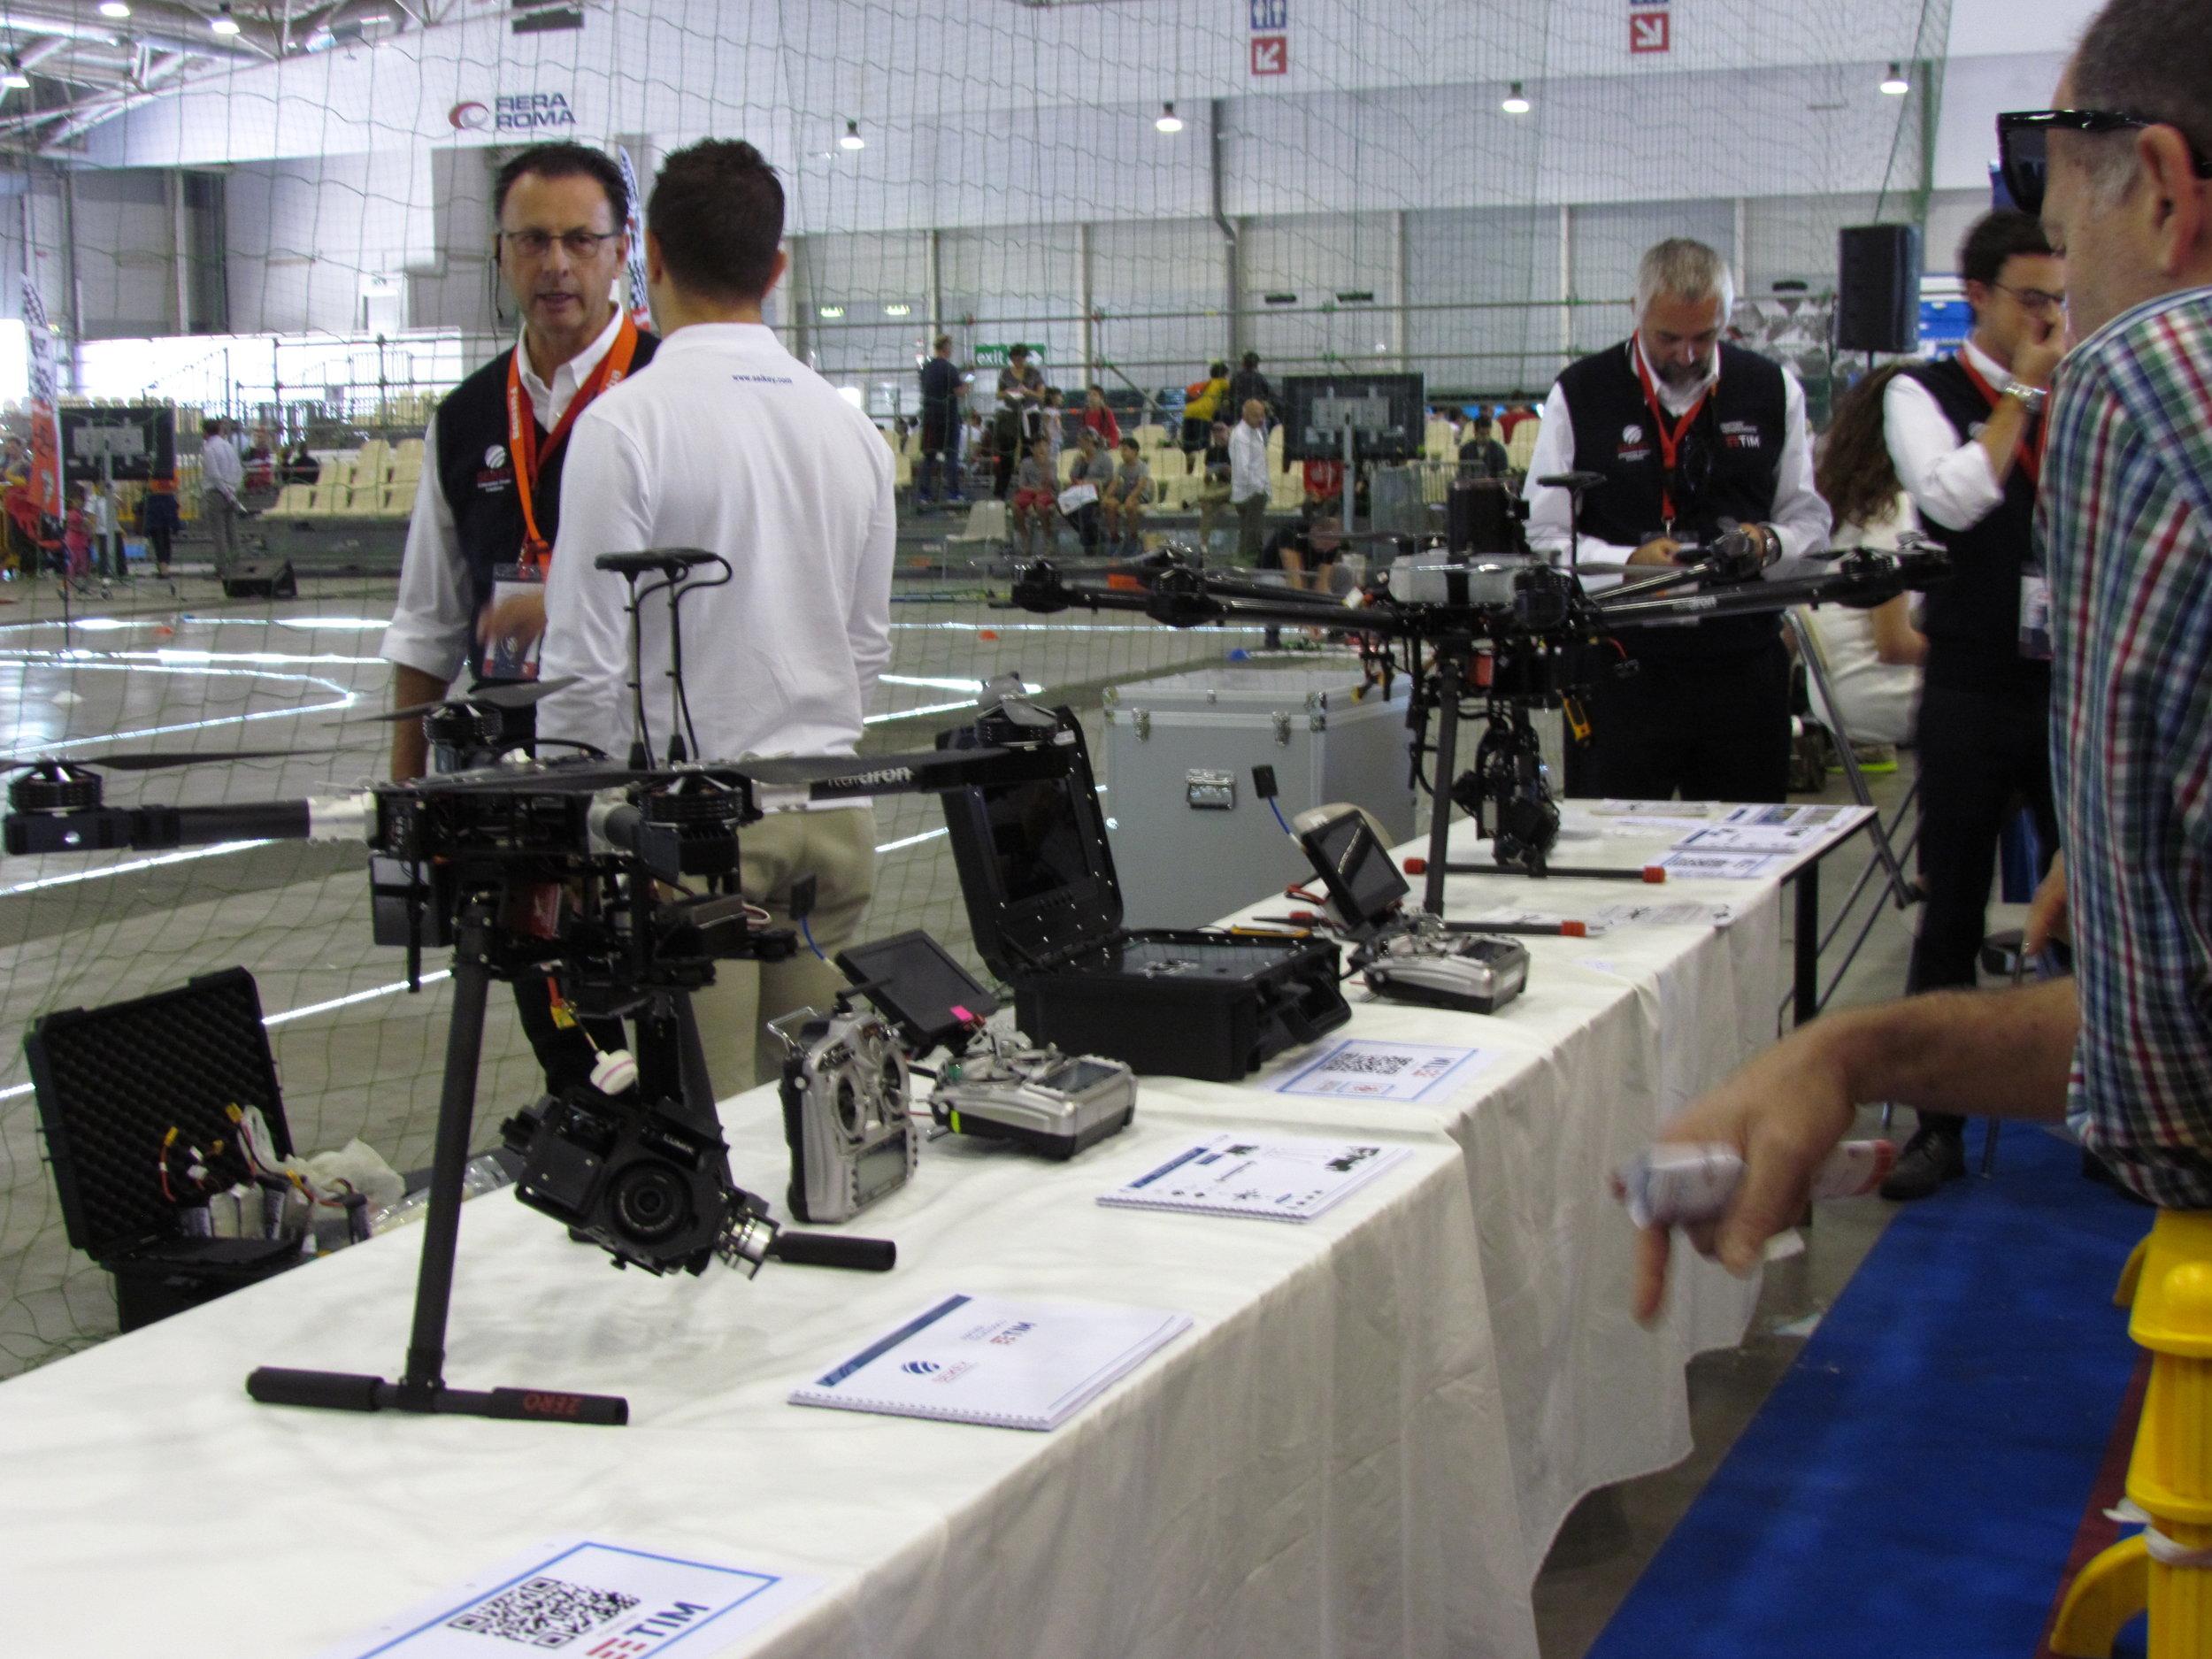 Uno dei tanti droni presenti alla fiera